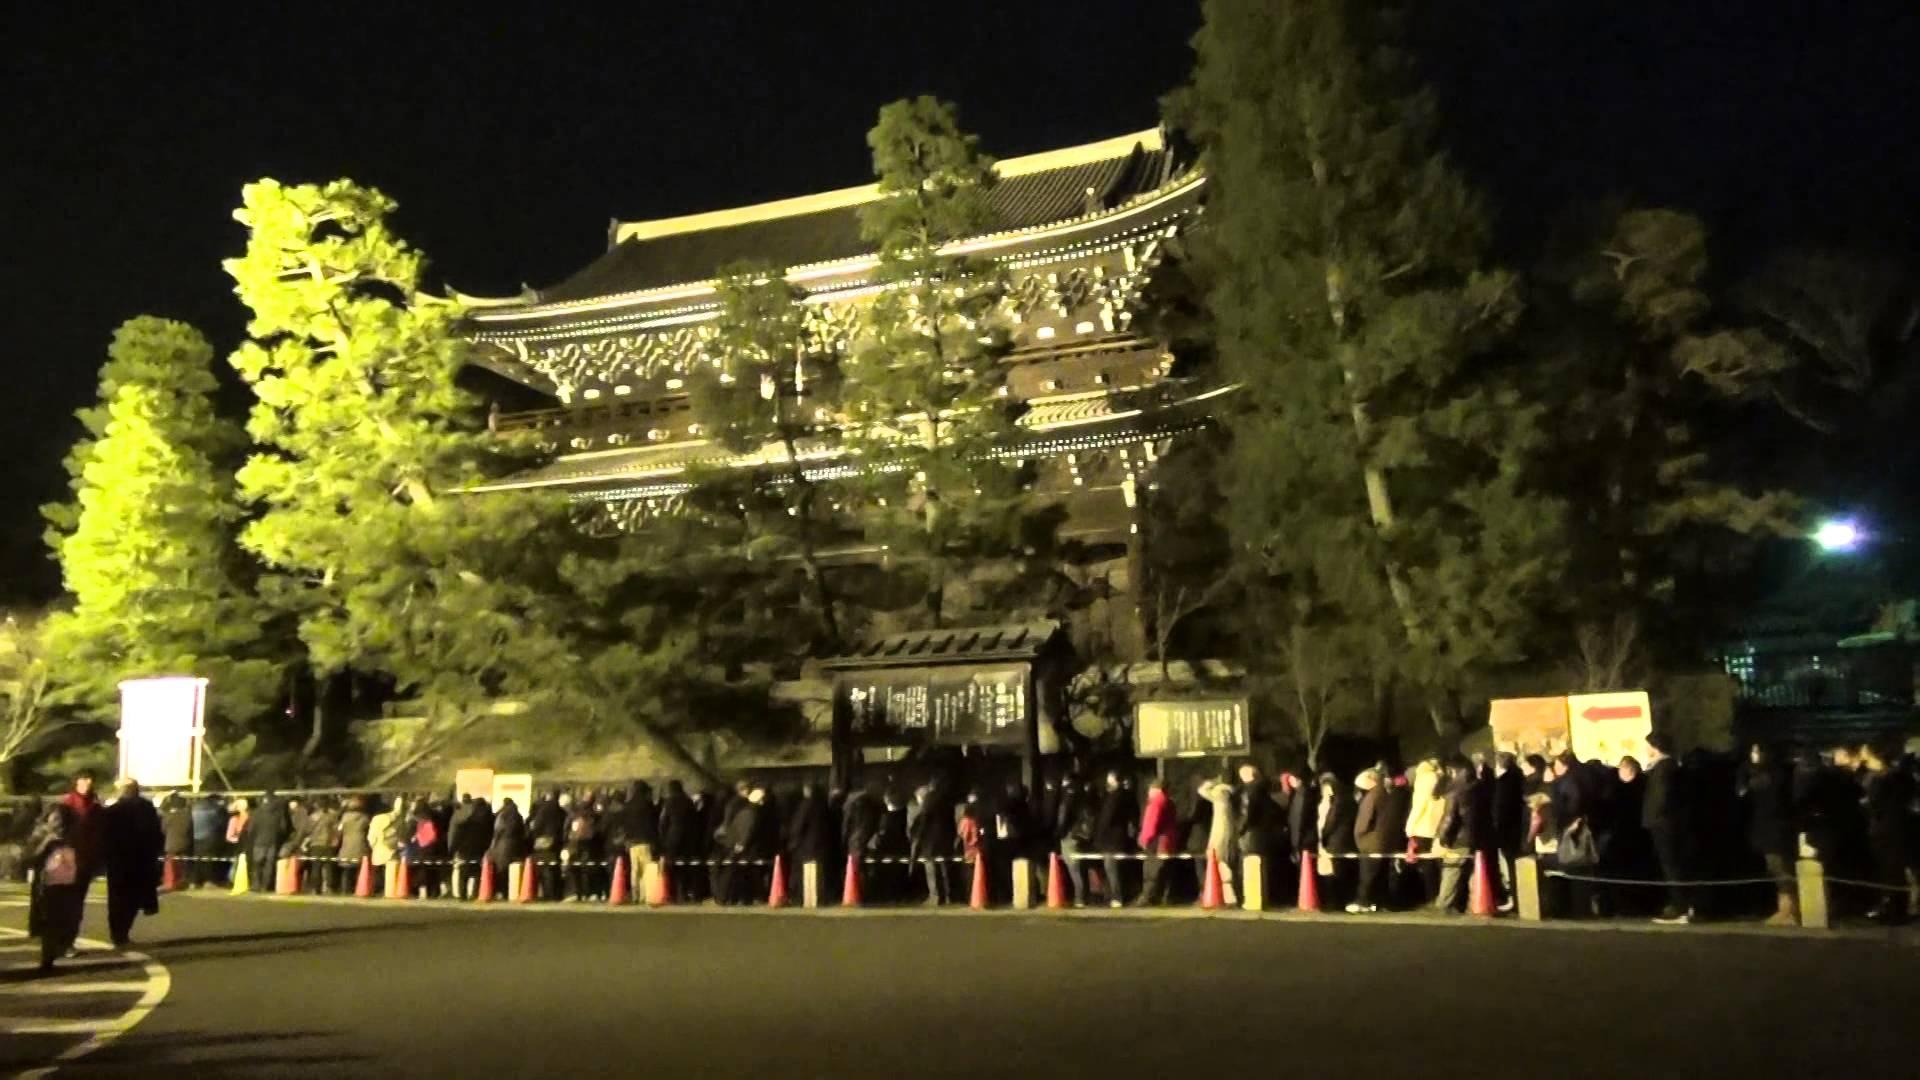 知恩院「除夜の鐘」編1 2013年最後の戦い、推定1000人以上の大行列に挑んだ。